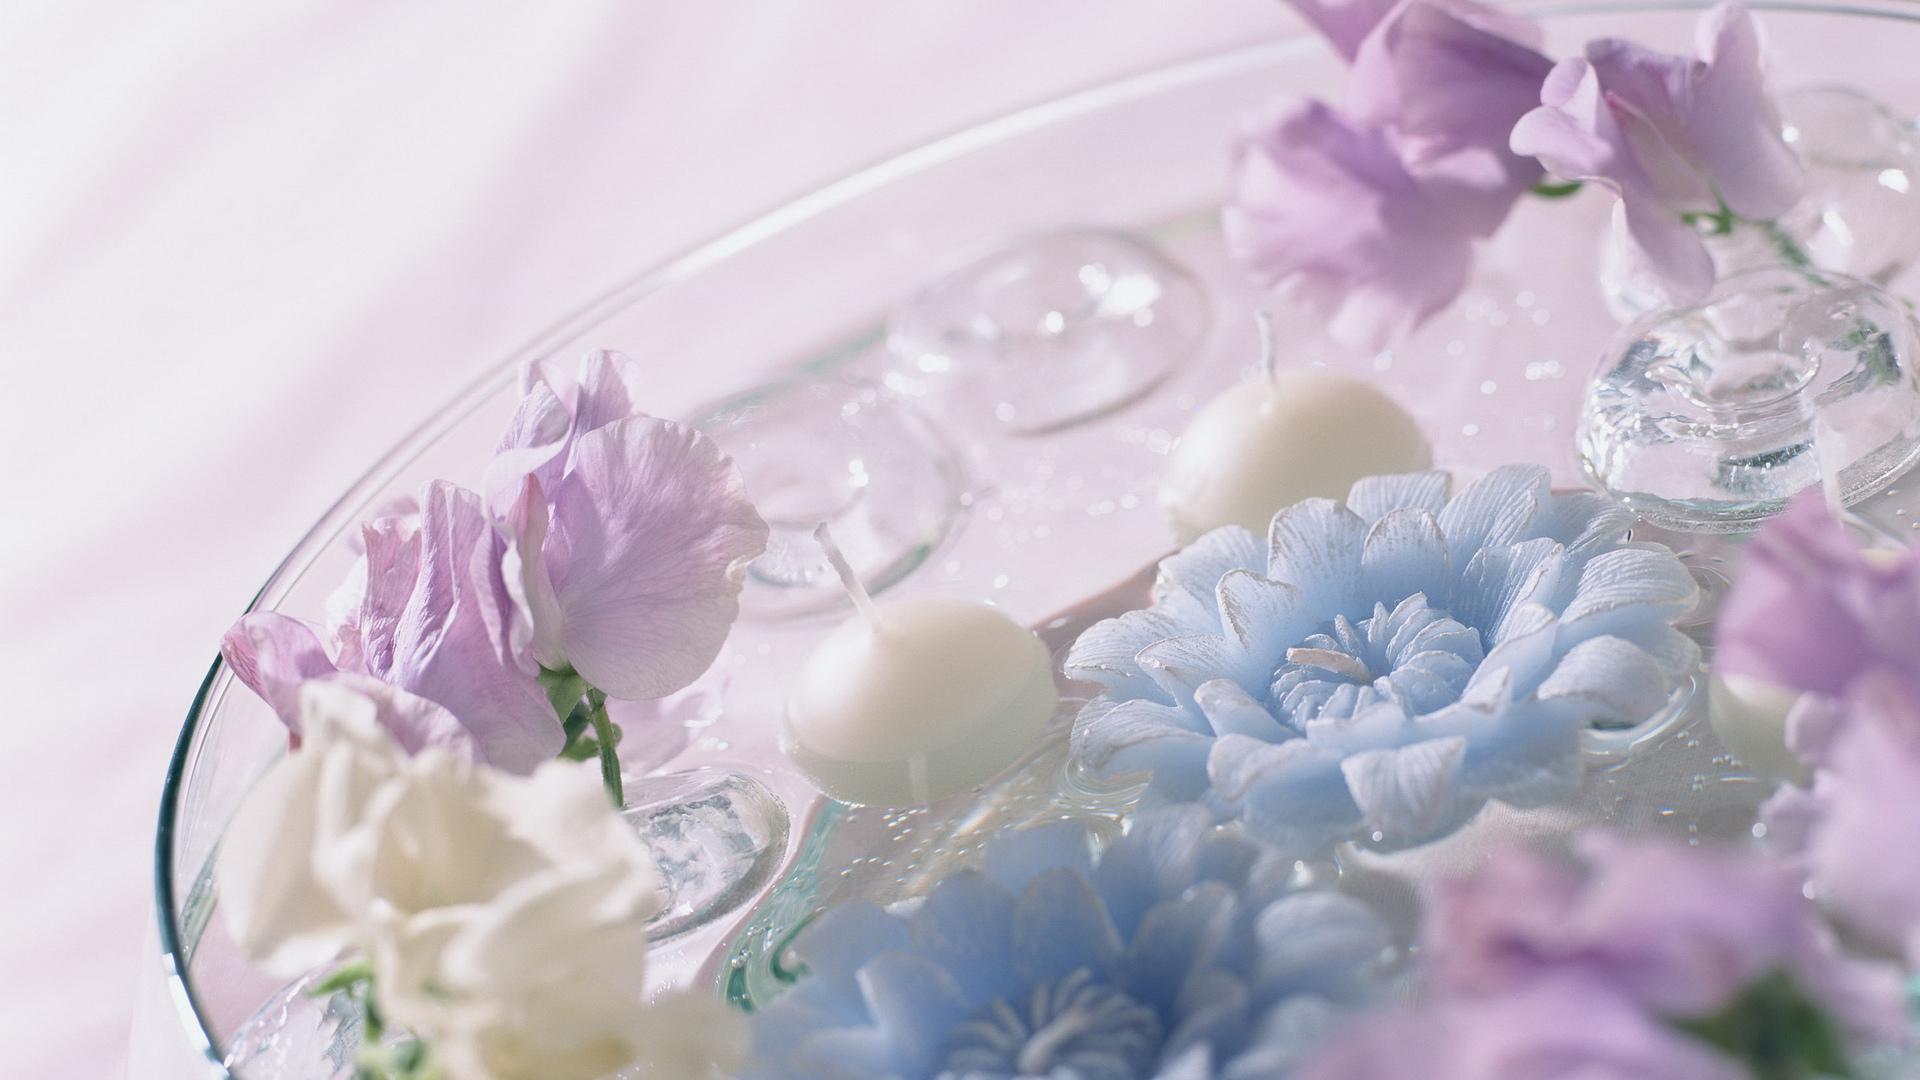 Цветы ю вода синие фиолетовые обои